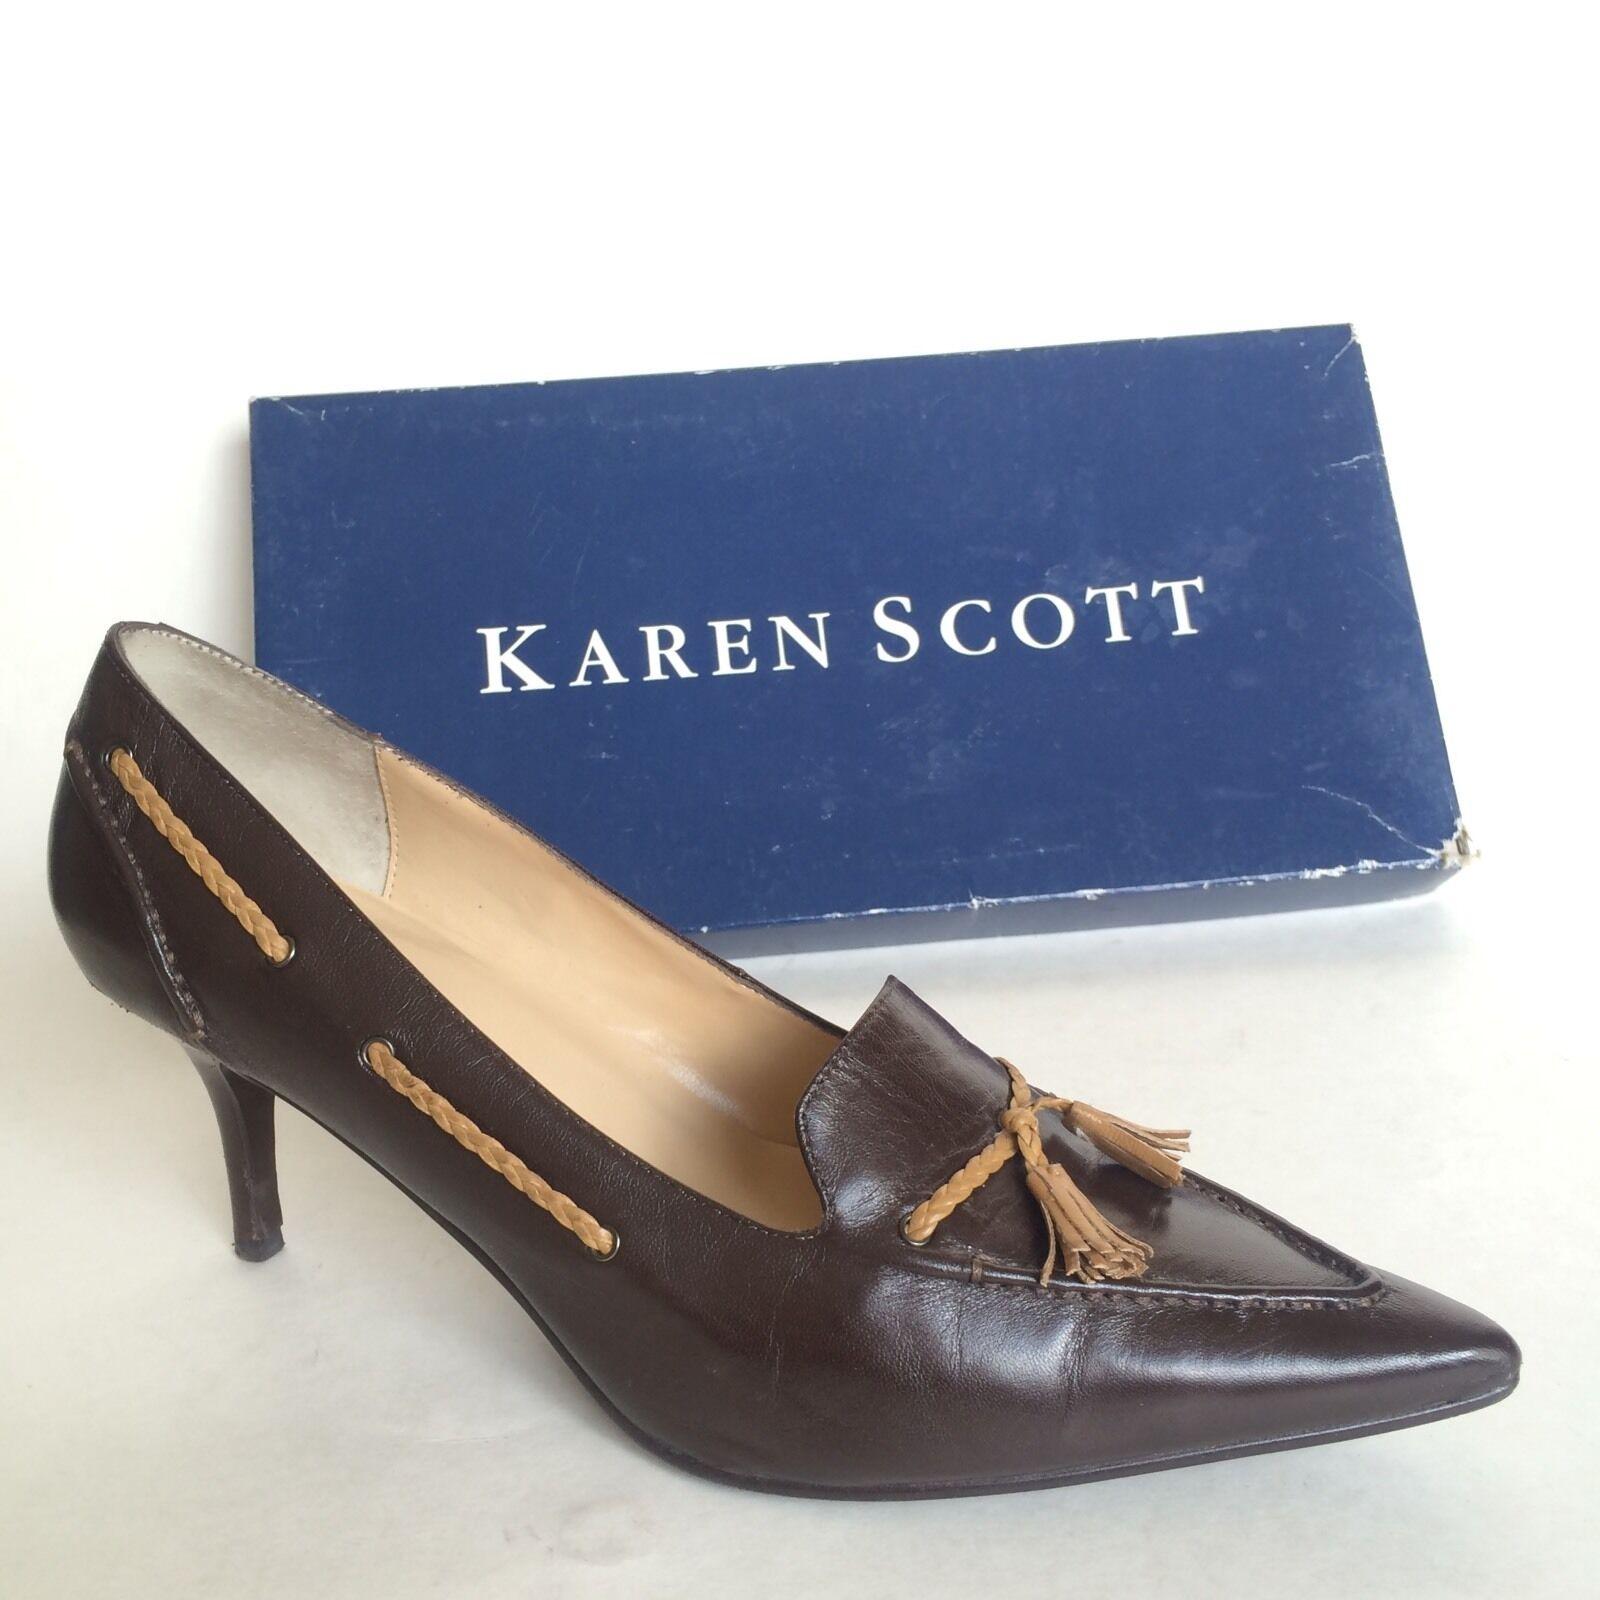 Karen Scott Womens Brown Leather High Heels Size 7.5 Chamber DK BRN   Camel LT